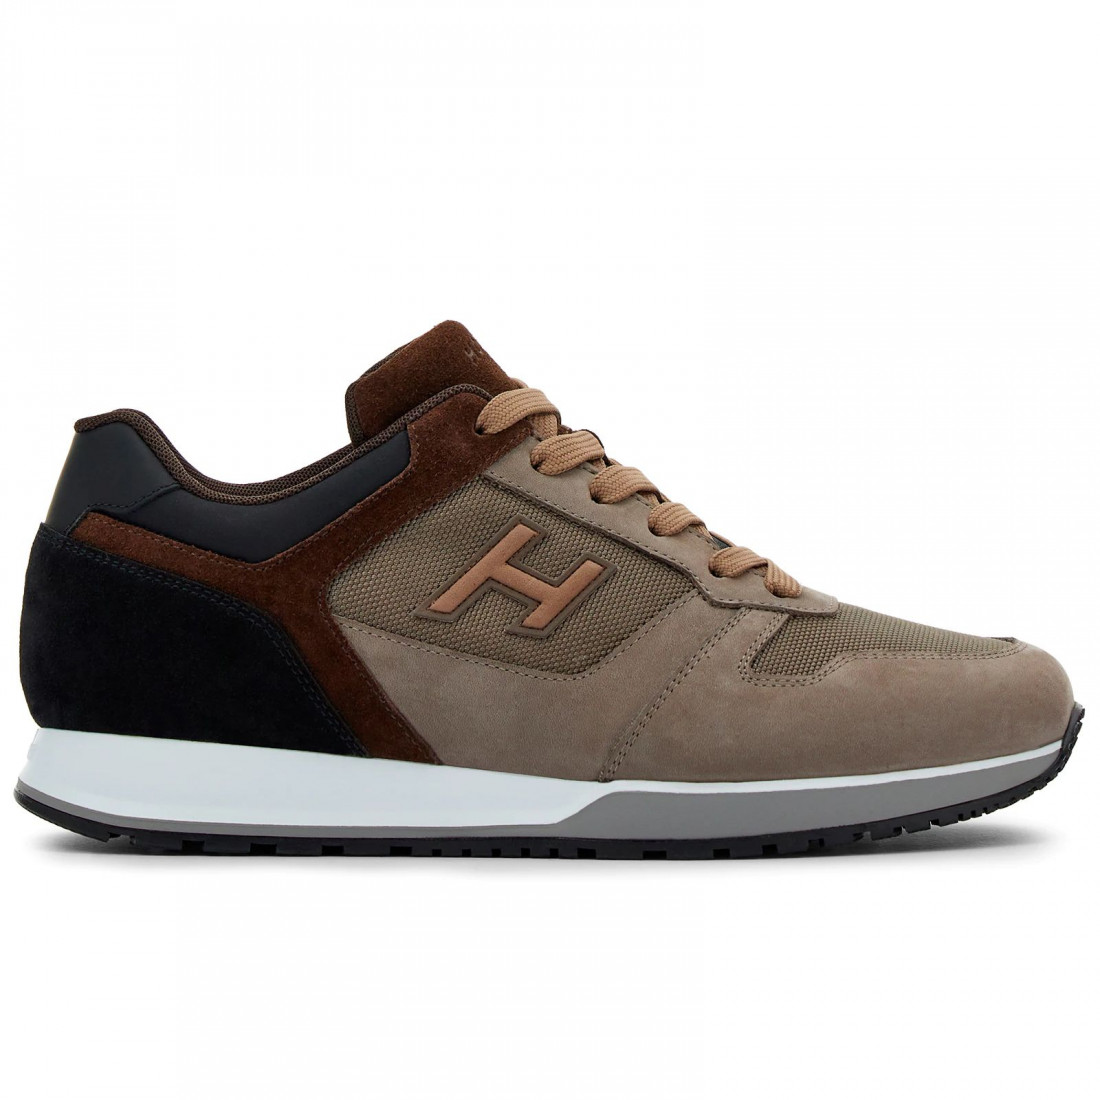 sneakers uomo hogan hxm3210y860p9s845z 8208